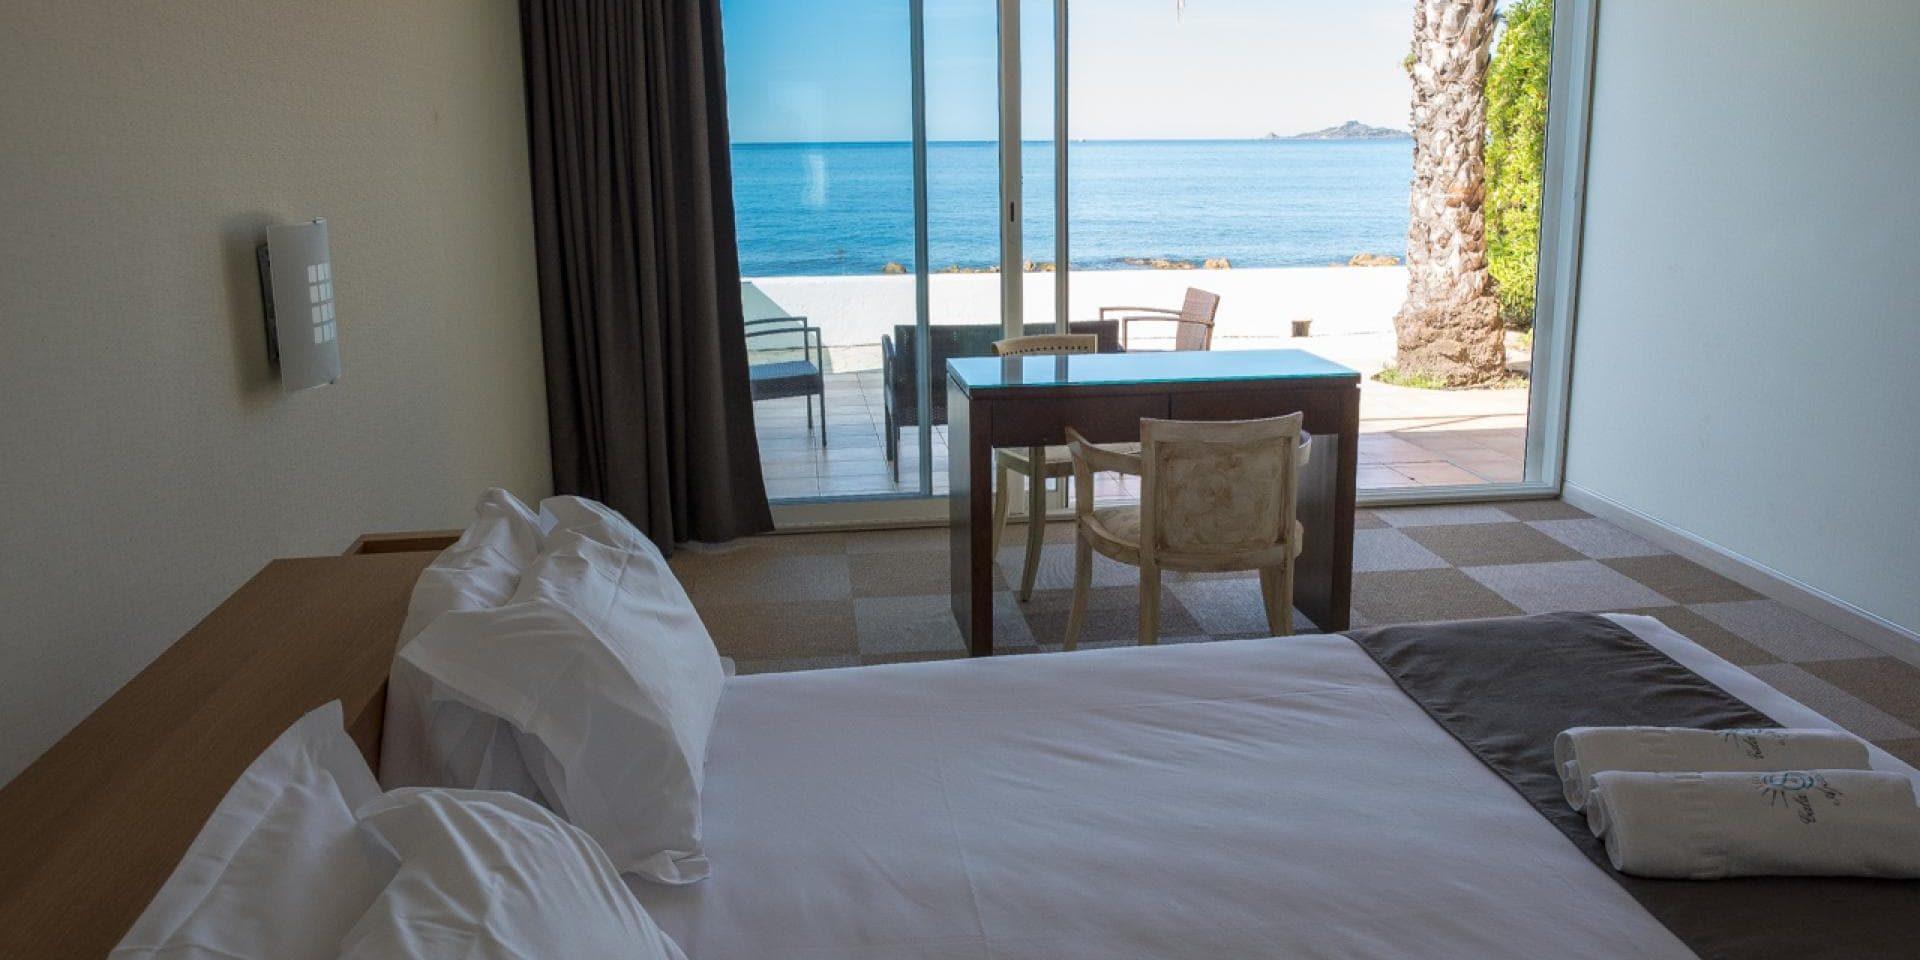 Hotel Cala di Sole Ajaccio Corsica Frankrijk tweepersoonskamer comfort terras zeezicht